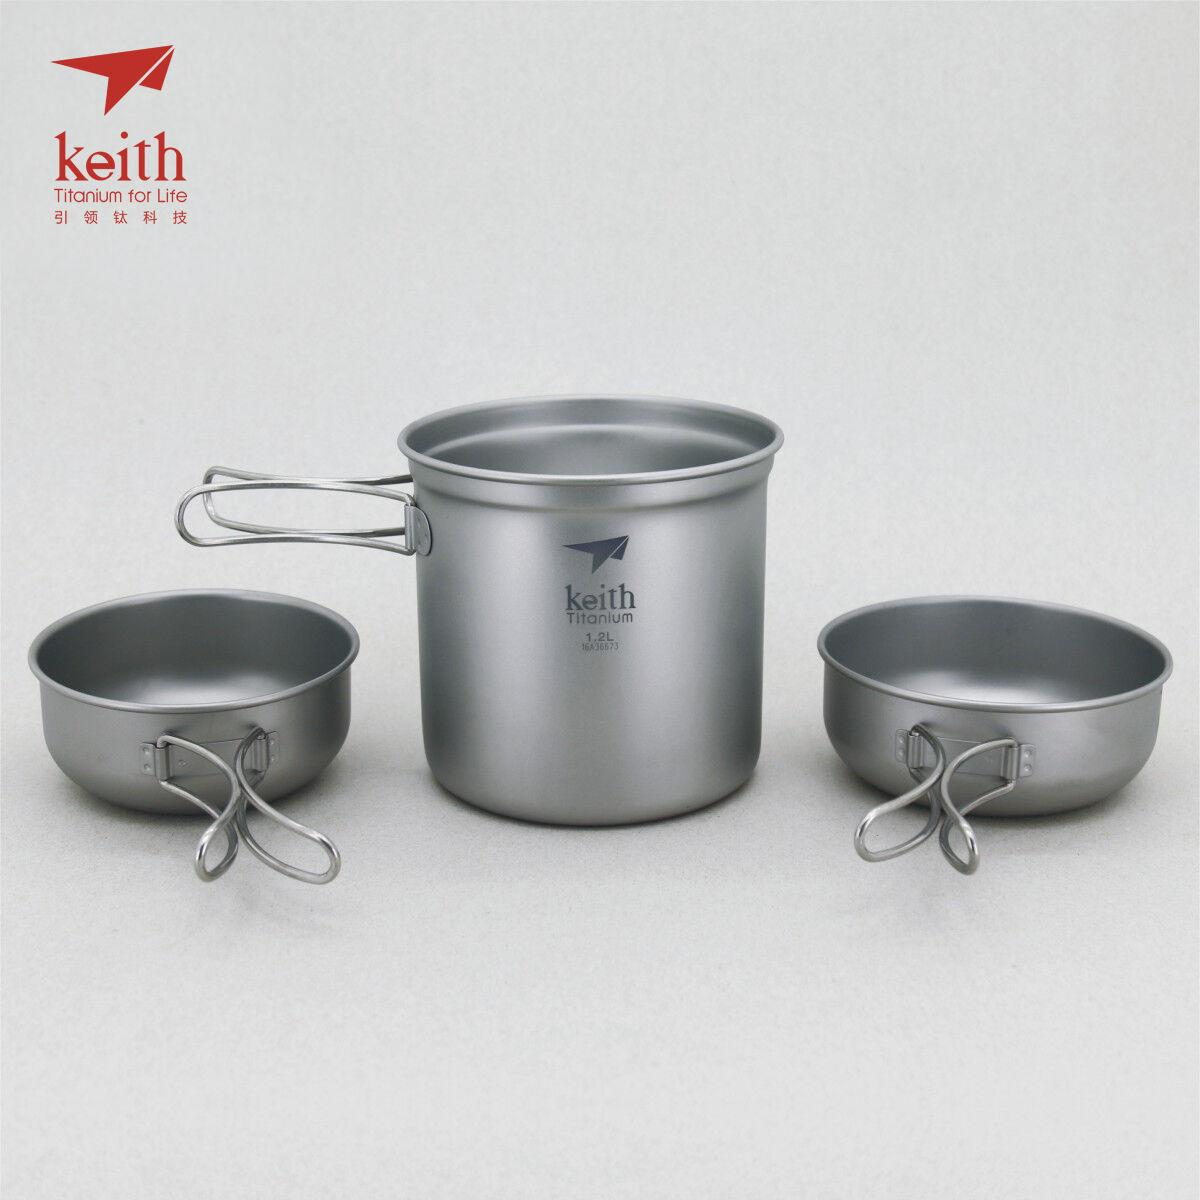 Keith Titanium Ti6052 3-Piece Pot and Bowl Set (Shipped from USA)